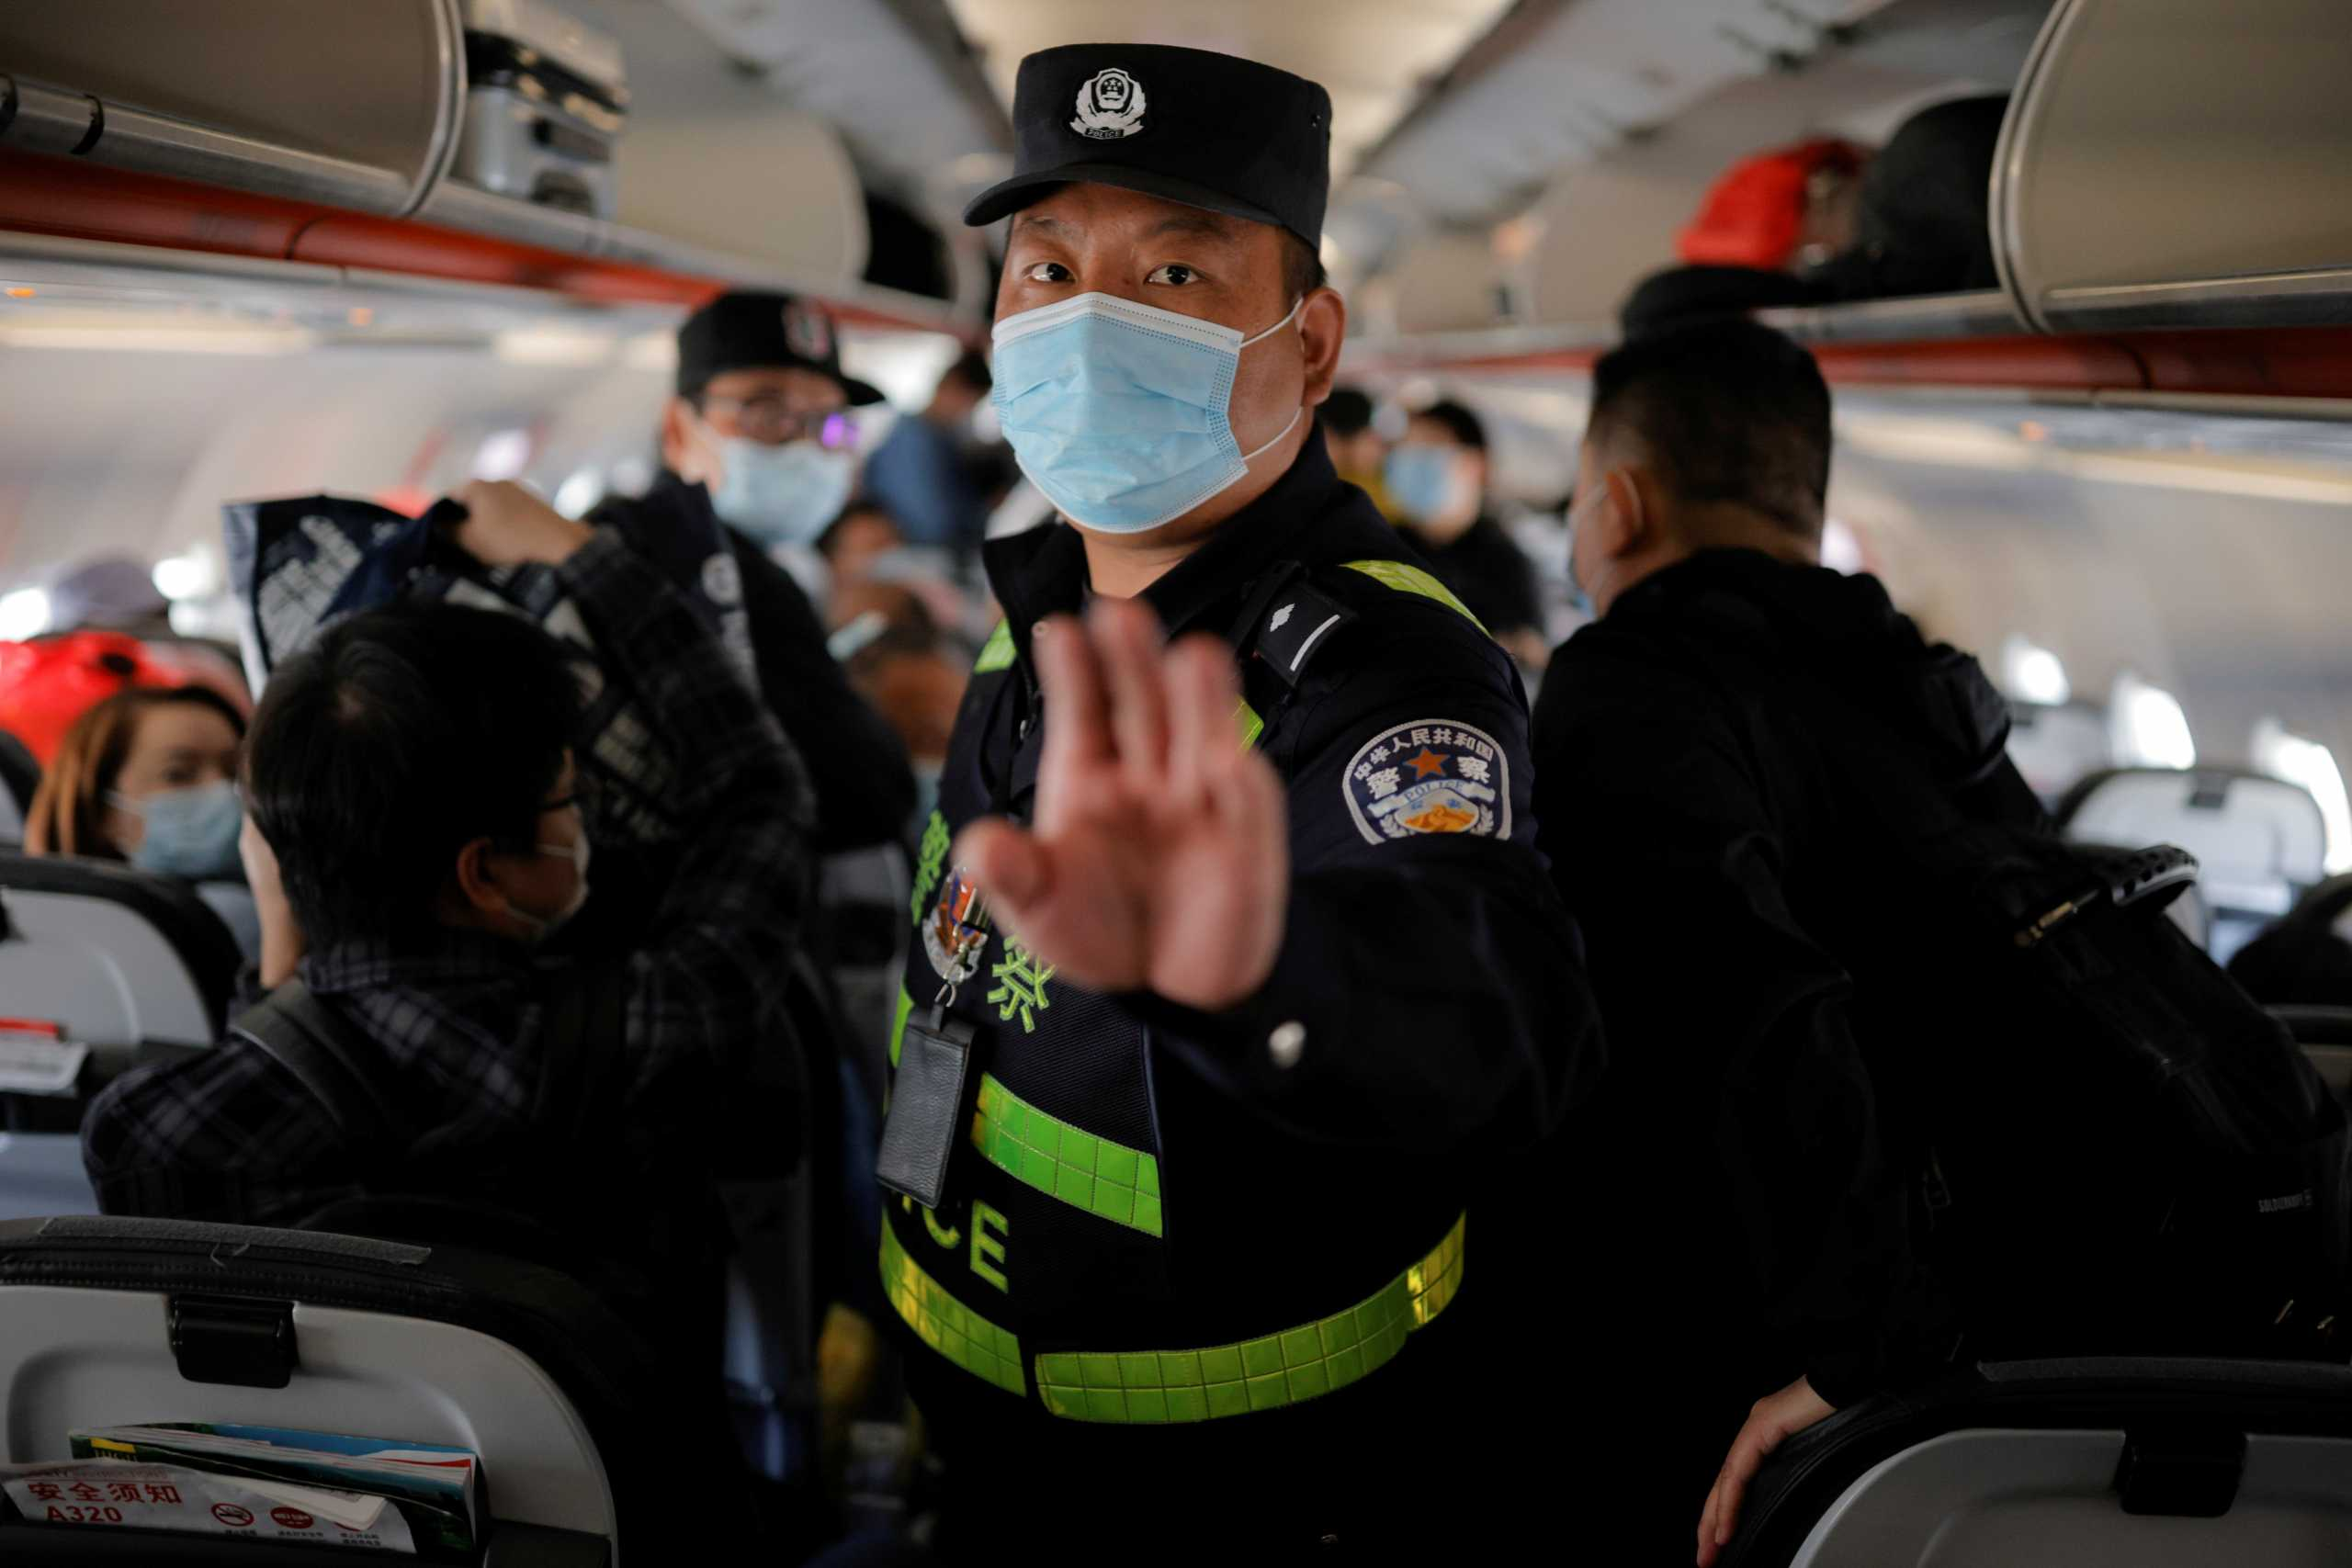 Κίνα: Διατηρούνται για έναν ακόμη χρόνο οι συνοριακοί περιορισμοί λόγω του κορονοϊού